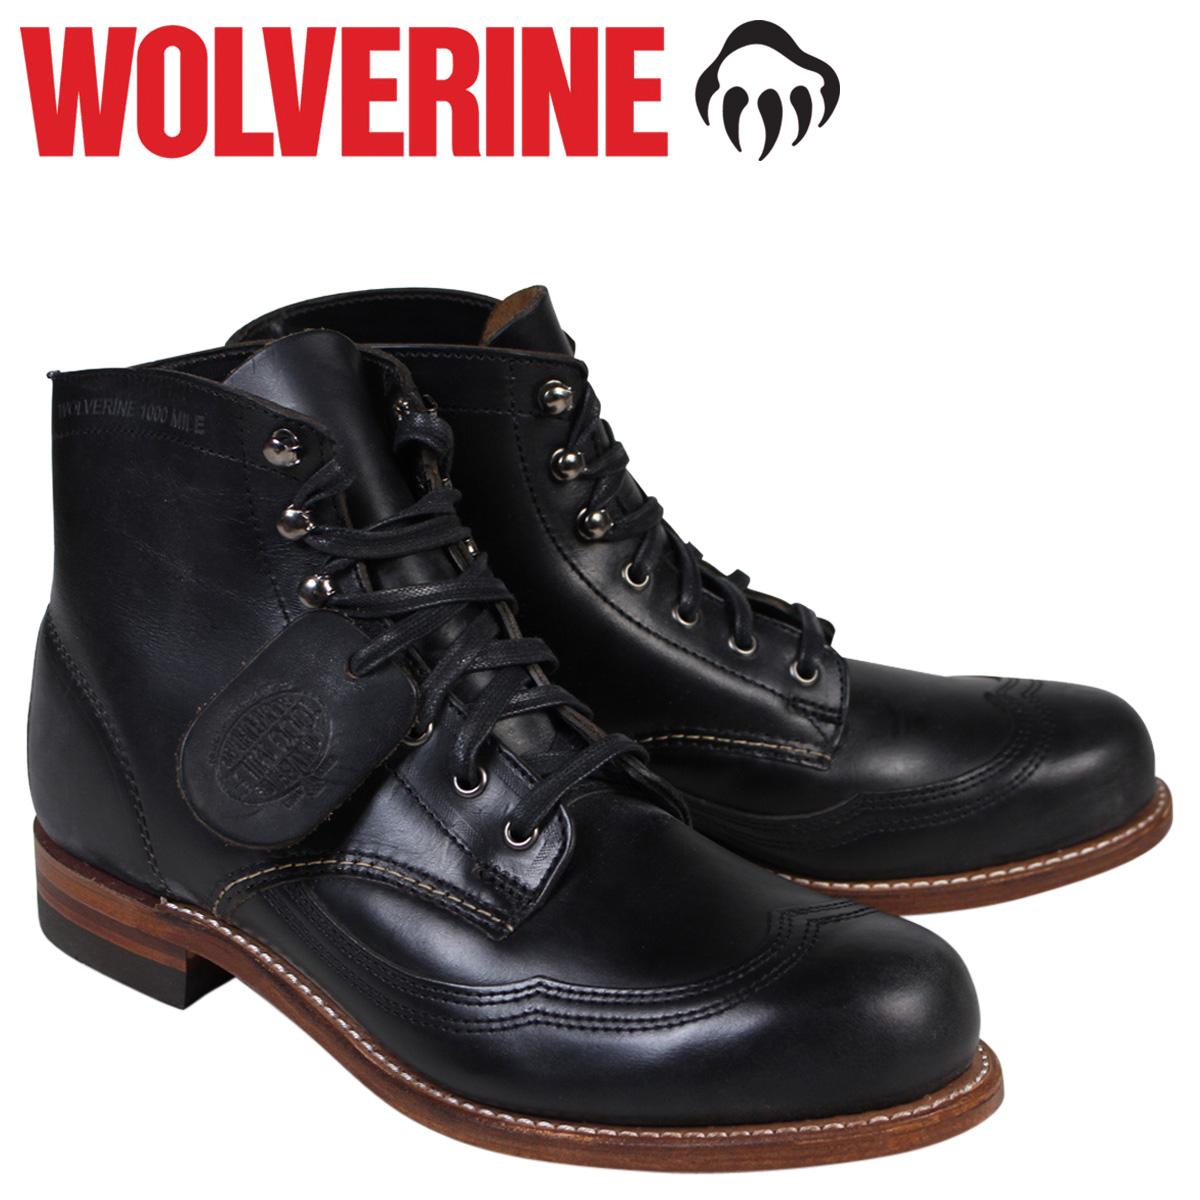 ウルヴァリン WOLVERINE 1000マイル ブーツ 1000MILE ADDISON WINGTIP BOOT Dワイズ W05344